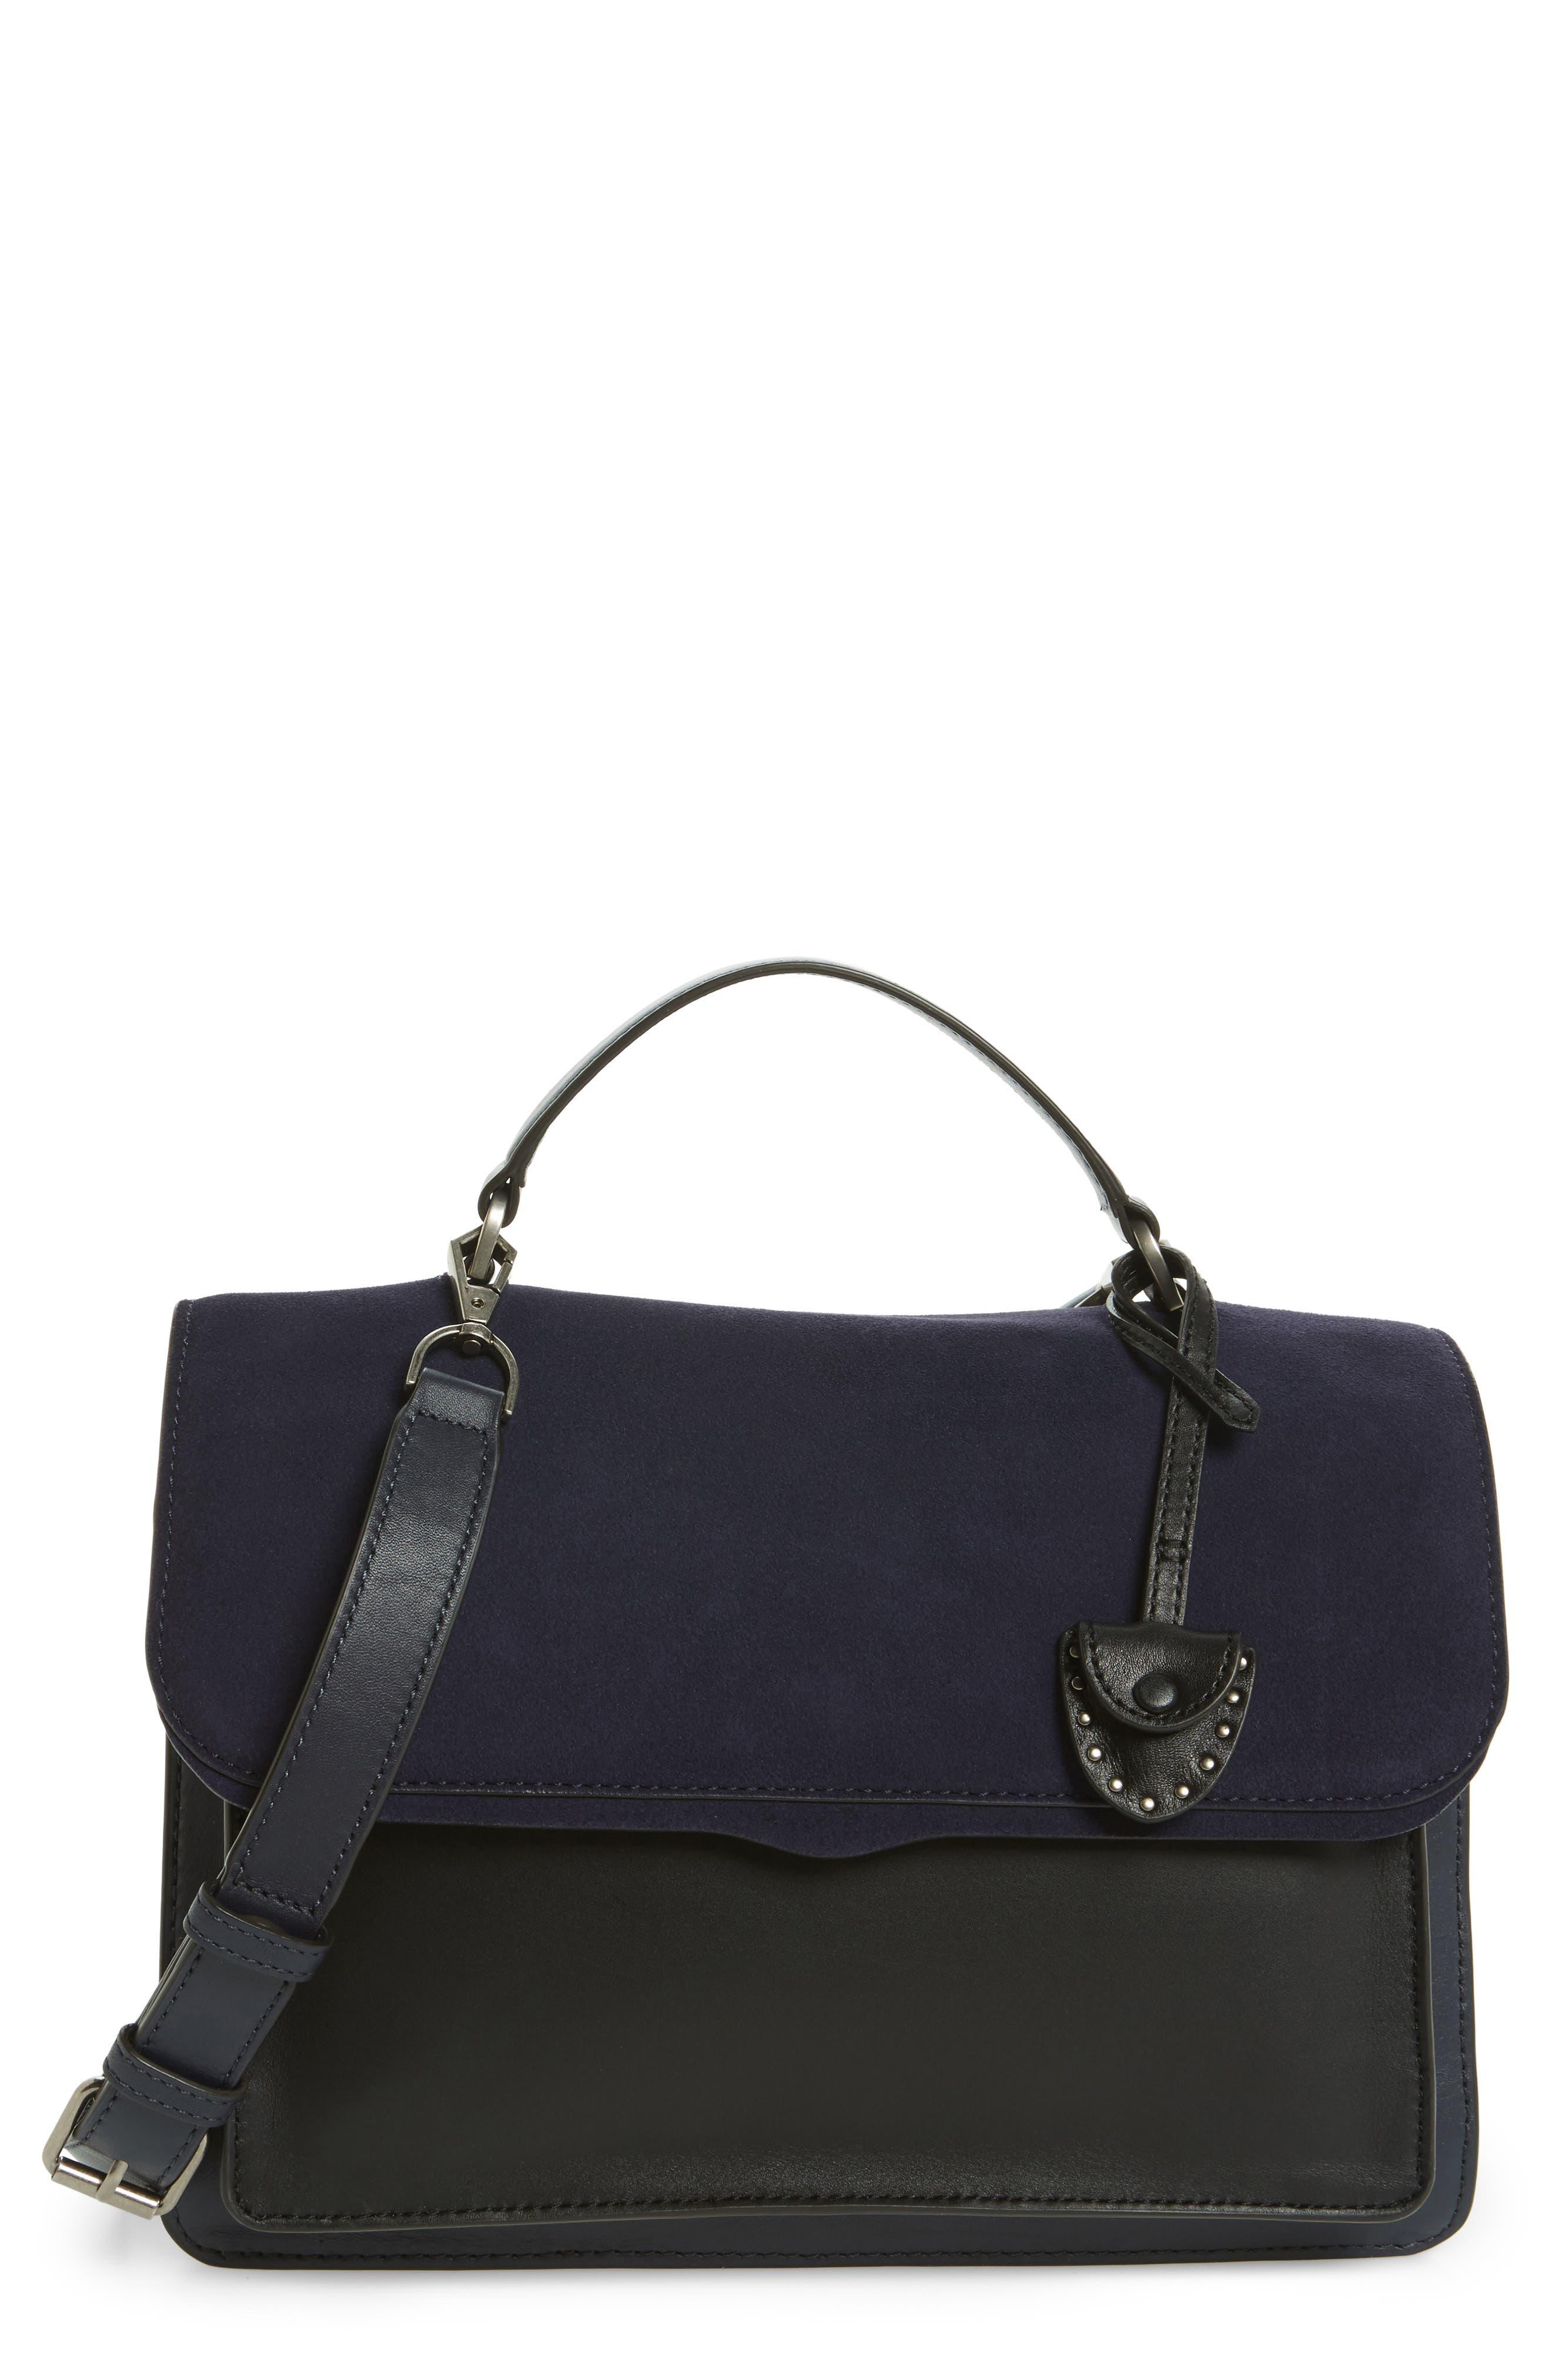 REBECCA MINKOFF Top Handle Shoulder Bag